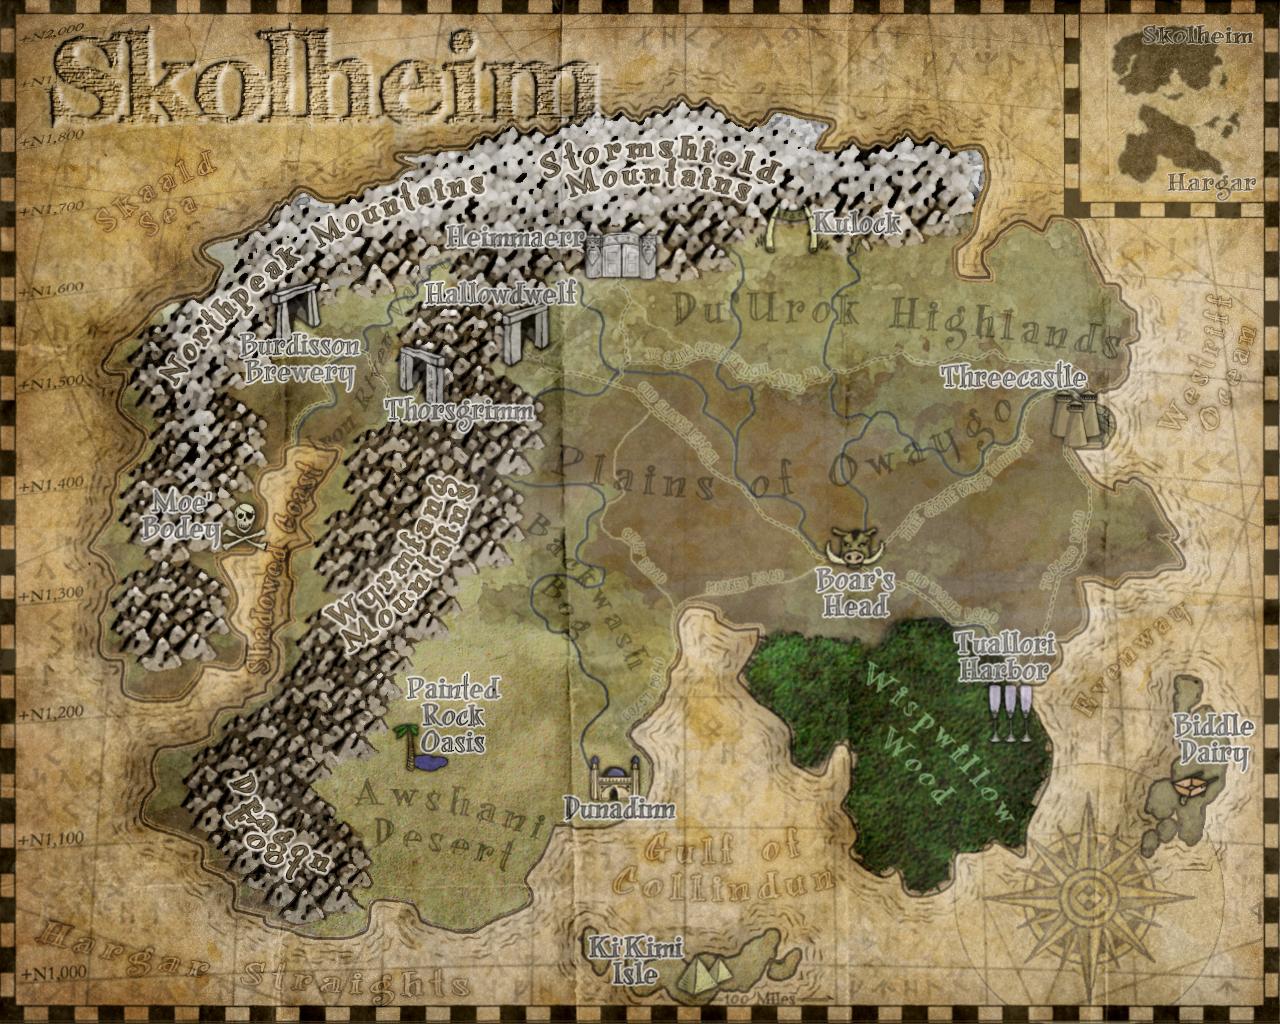 Skolheim2.